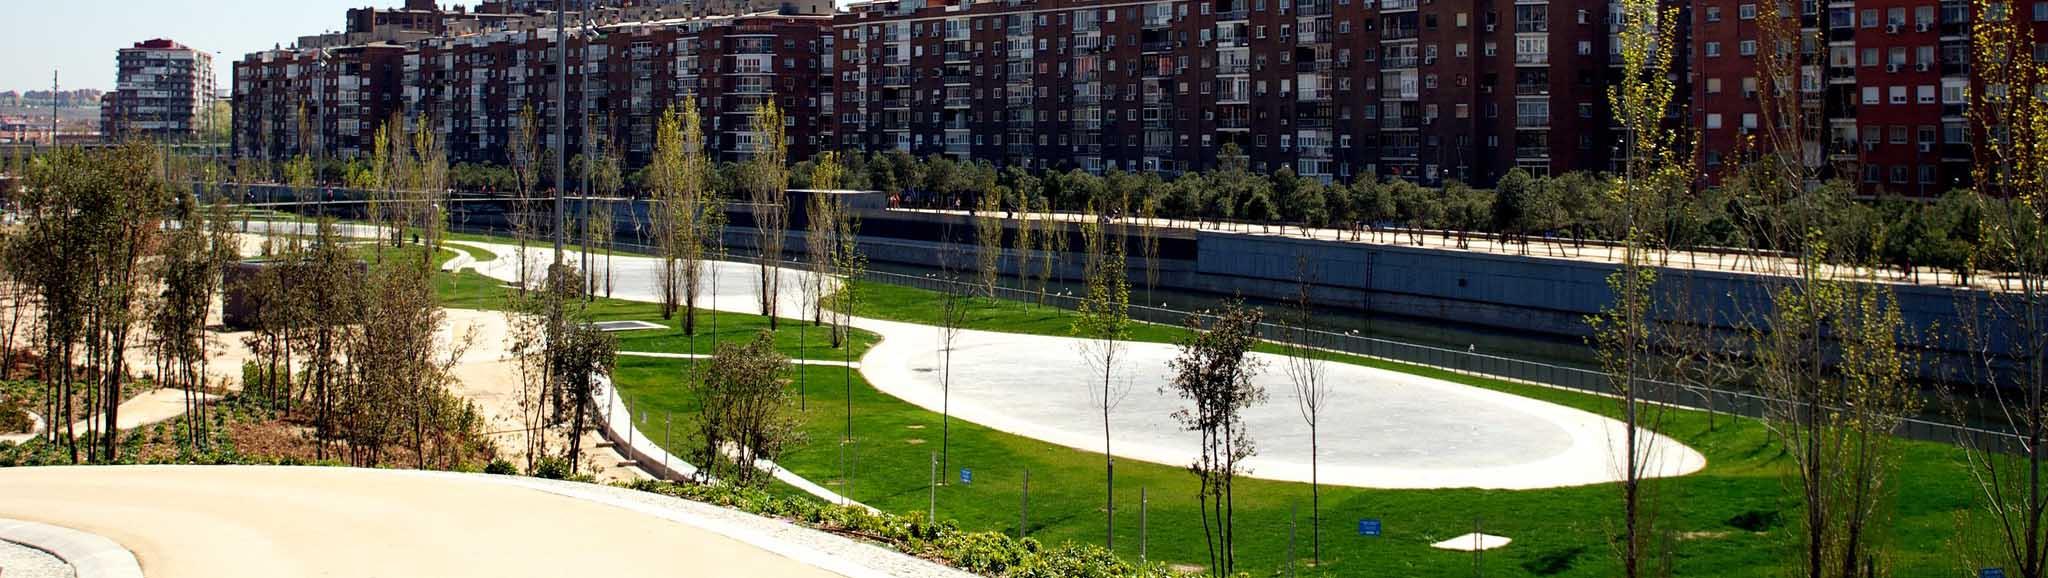 Парк Мадрид Рио в Мадриде, Испания